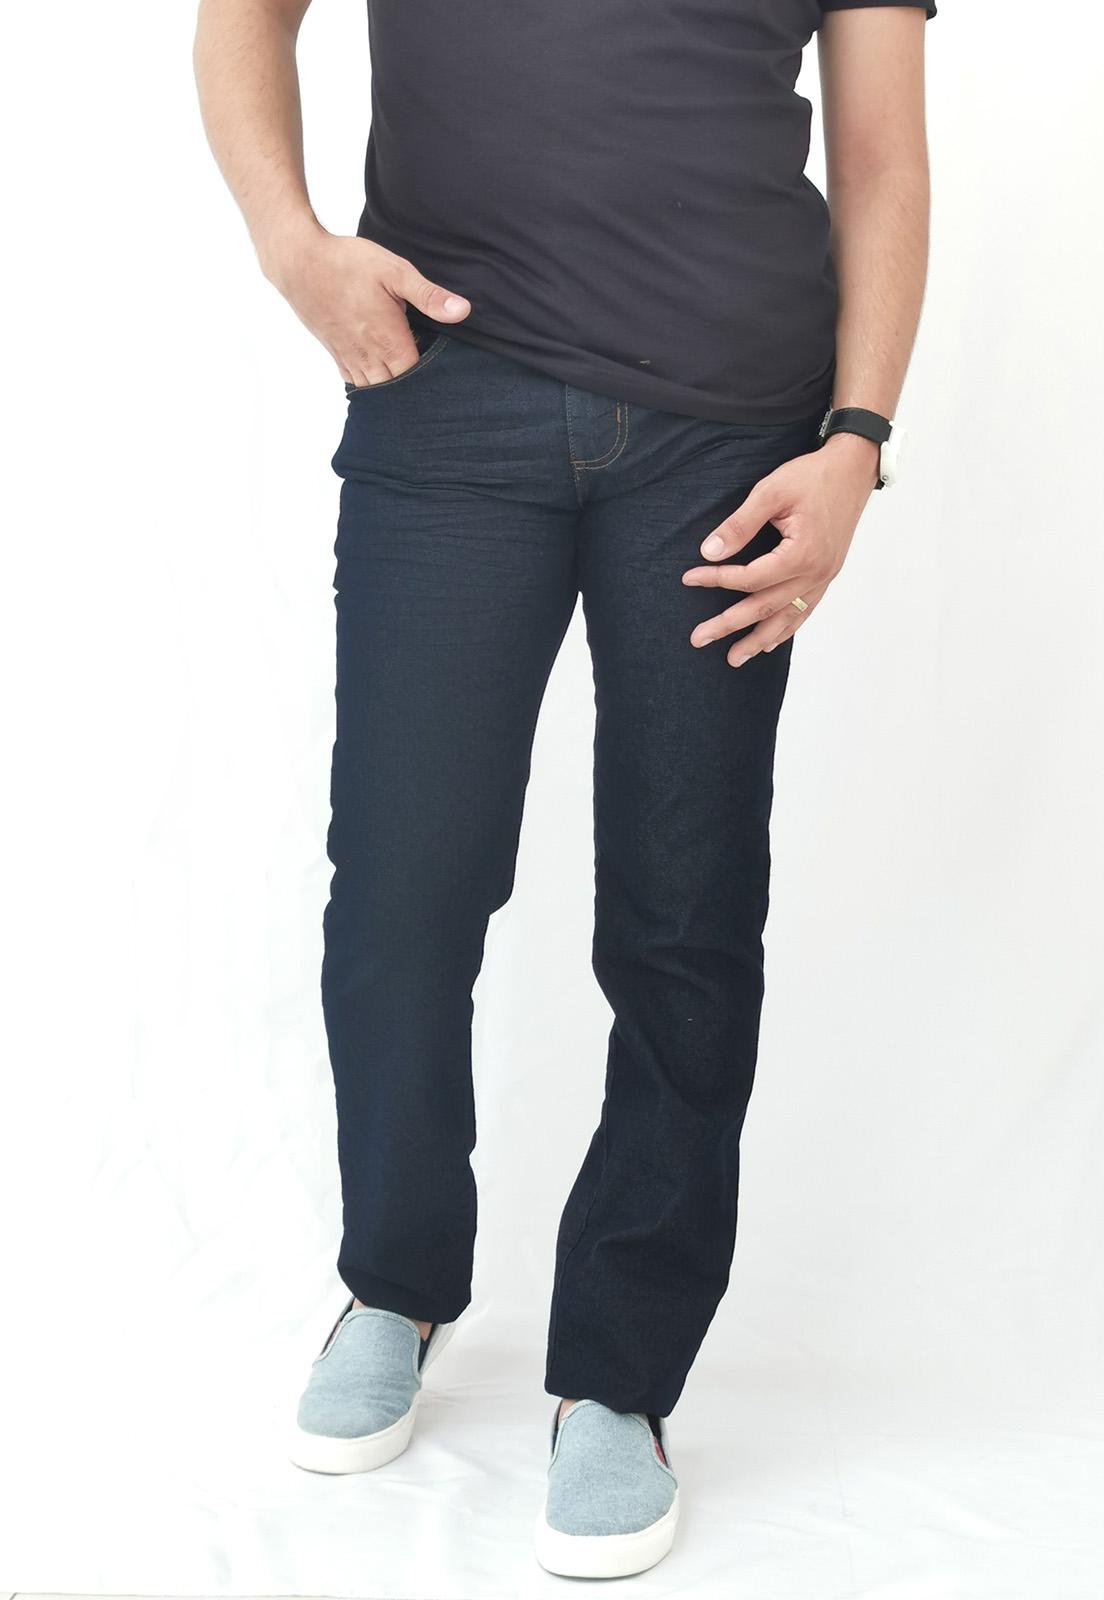 Calça Jeans Colcci Marinho Com Costura Marrom